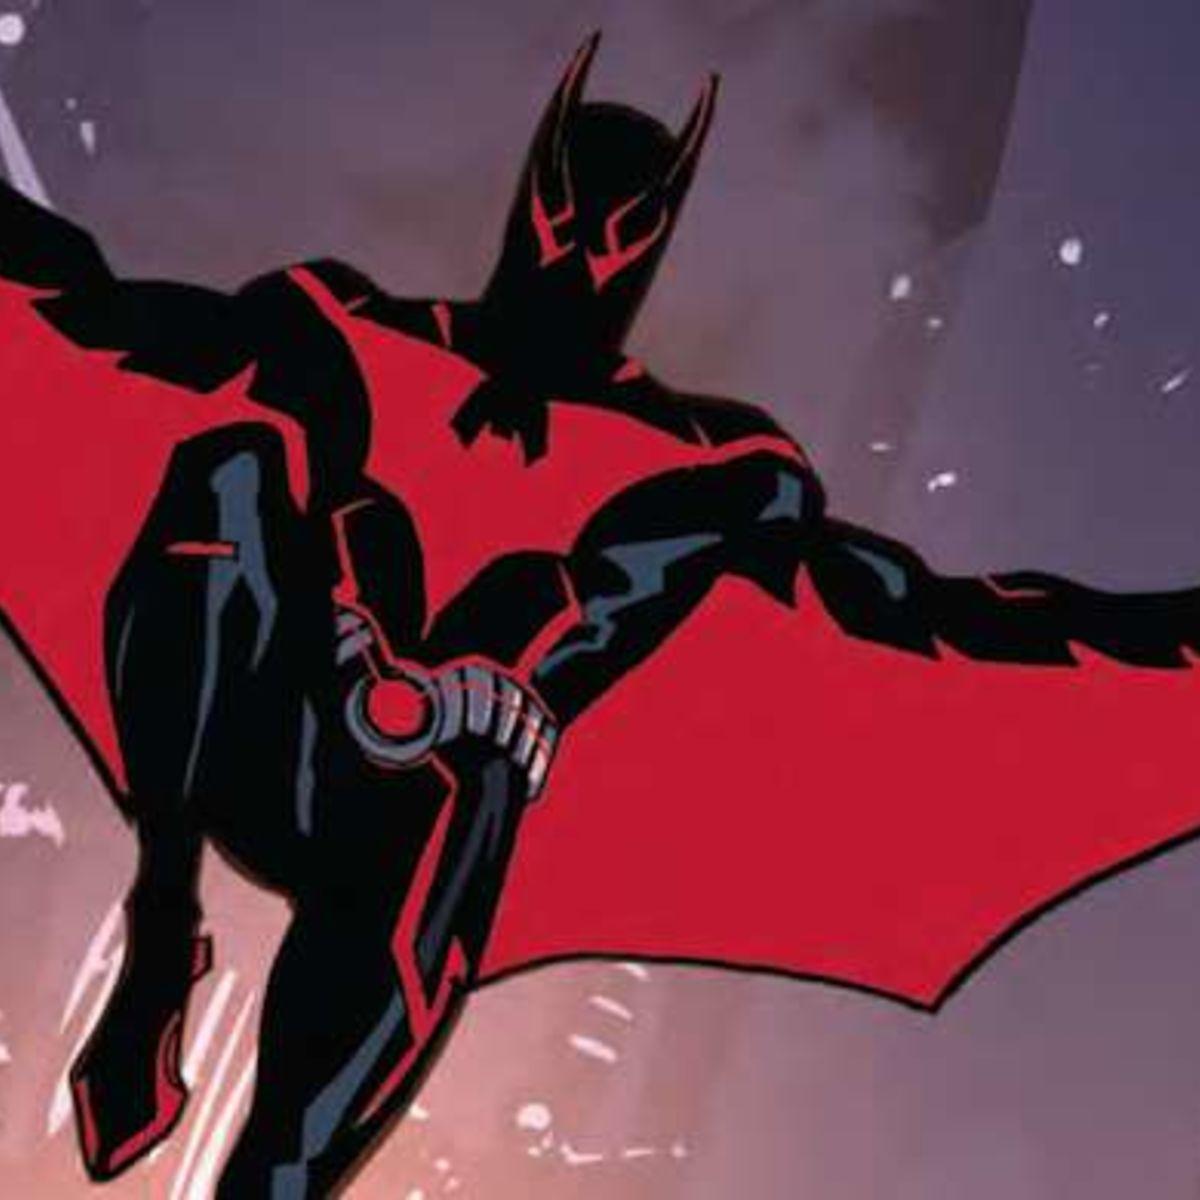 batman-beyond-new-costume-227895.jpg